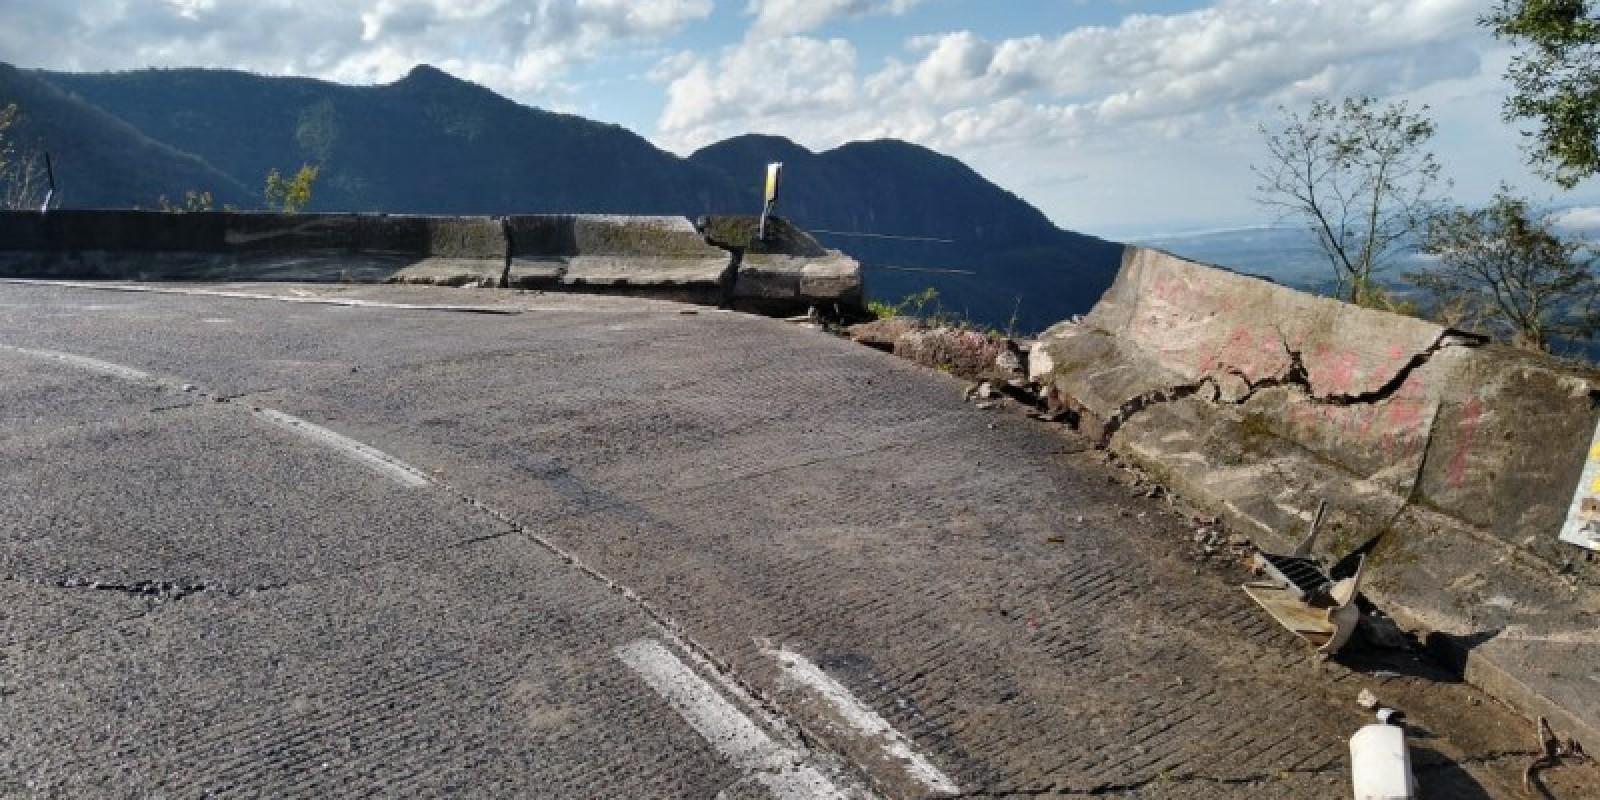 Caminhoneiro morre ao cair em ribanceira na Serra do Rio do Rastro